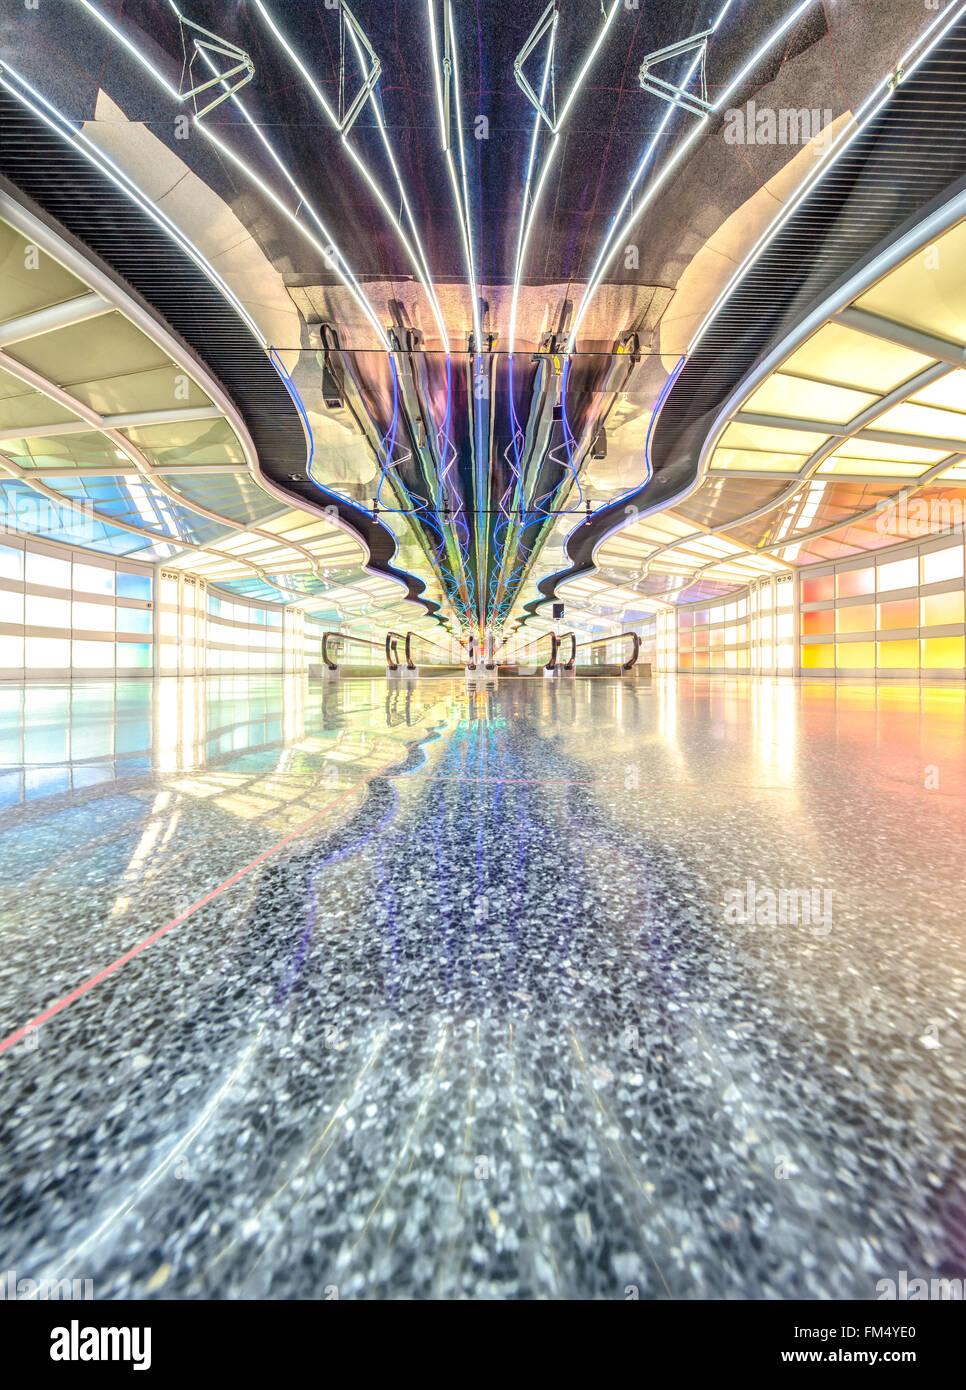 Aéroport International de Chicago O'Hare. Tunnel entre halls B et C de l'aérogare avec déménagement Photo Stock